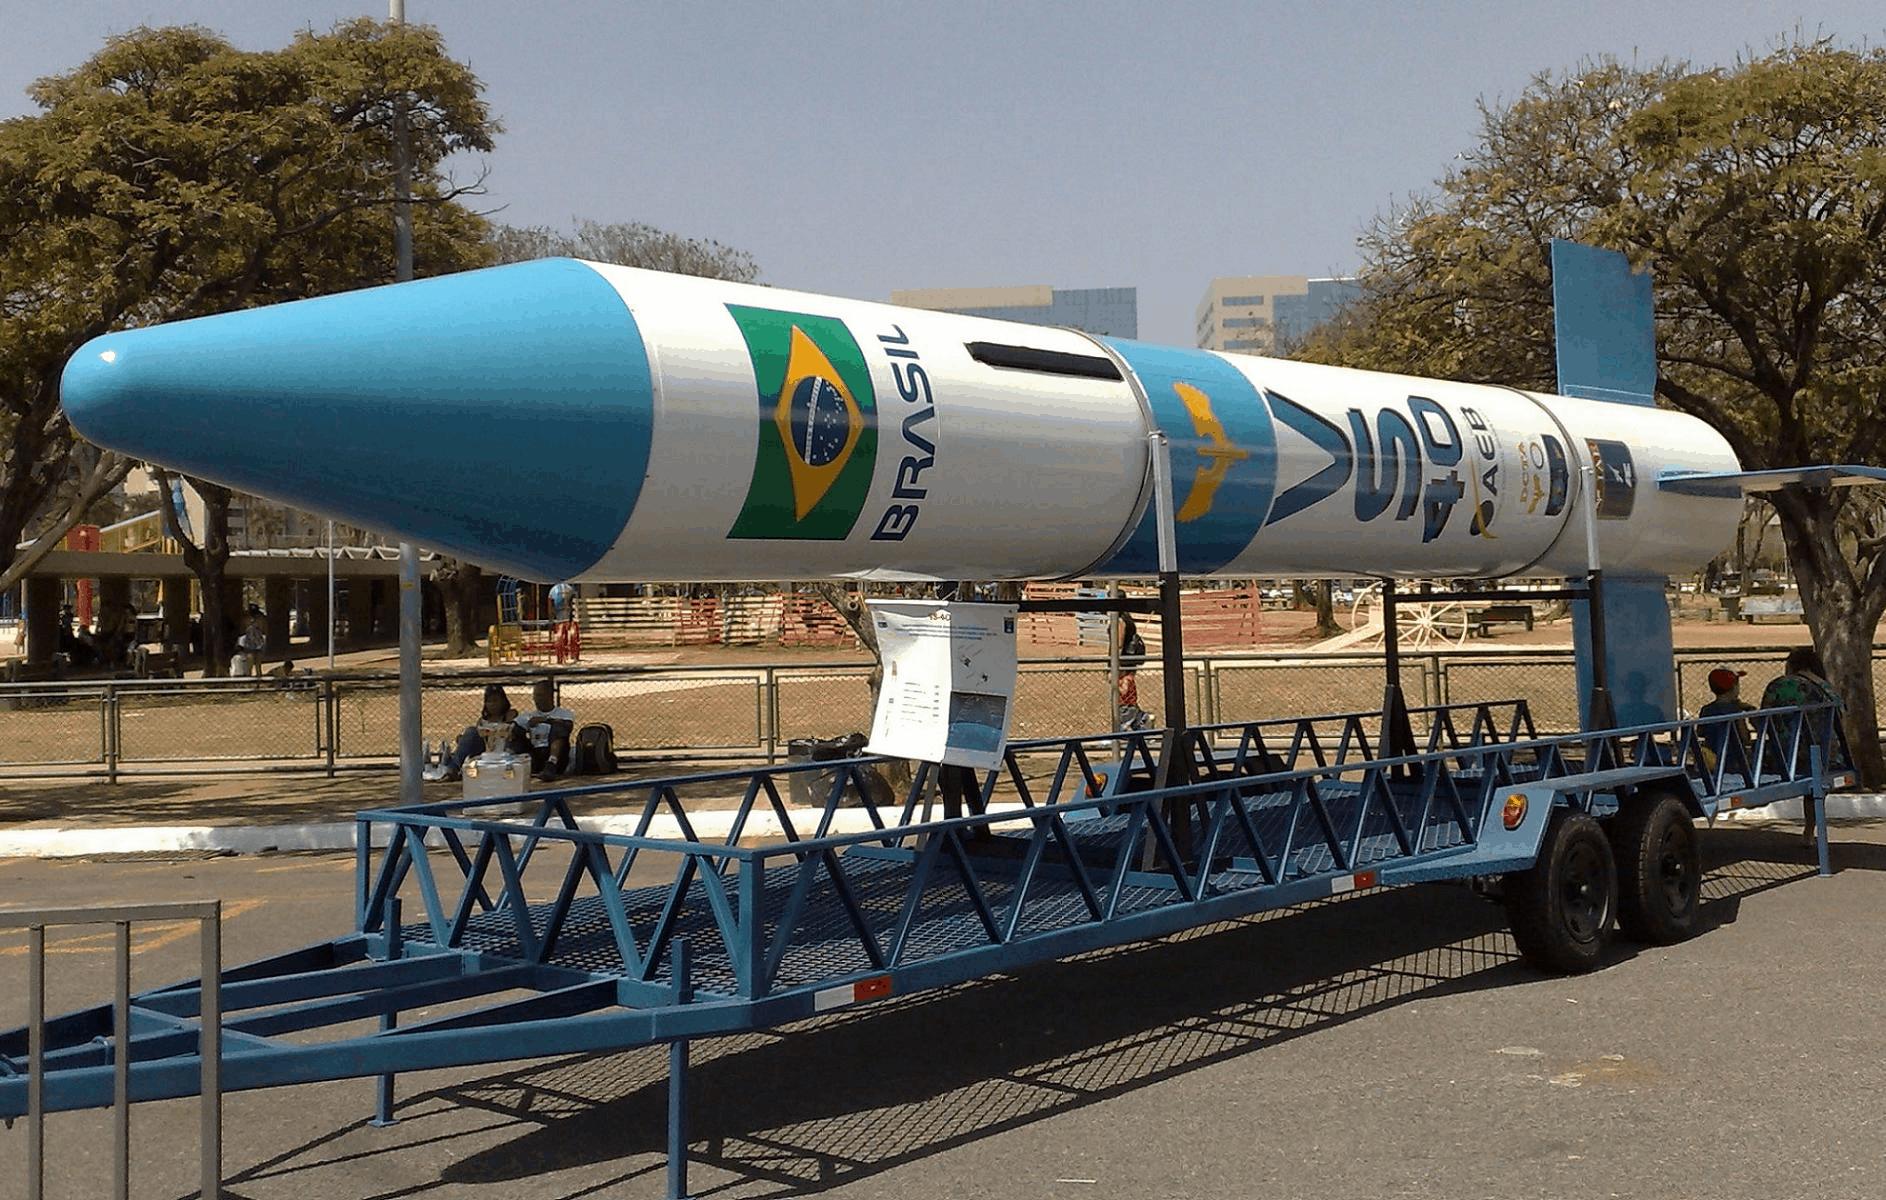 Programa espacial brasileiro: relembre o passado e saiba o que há pela frente